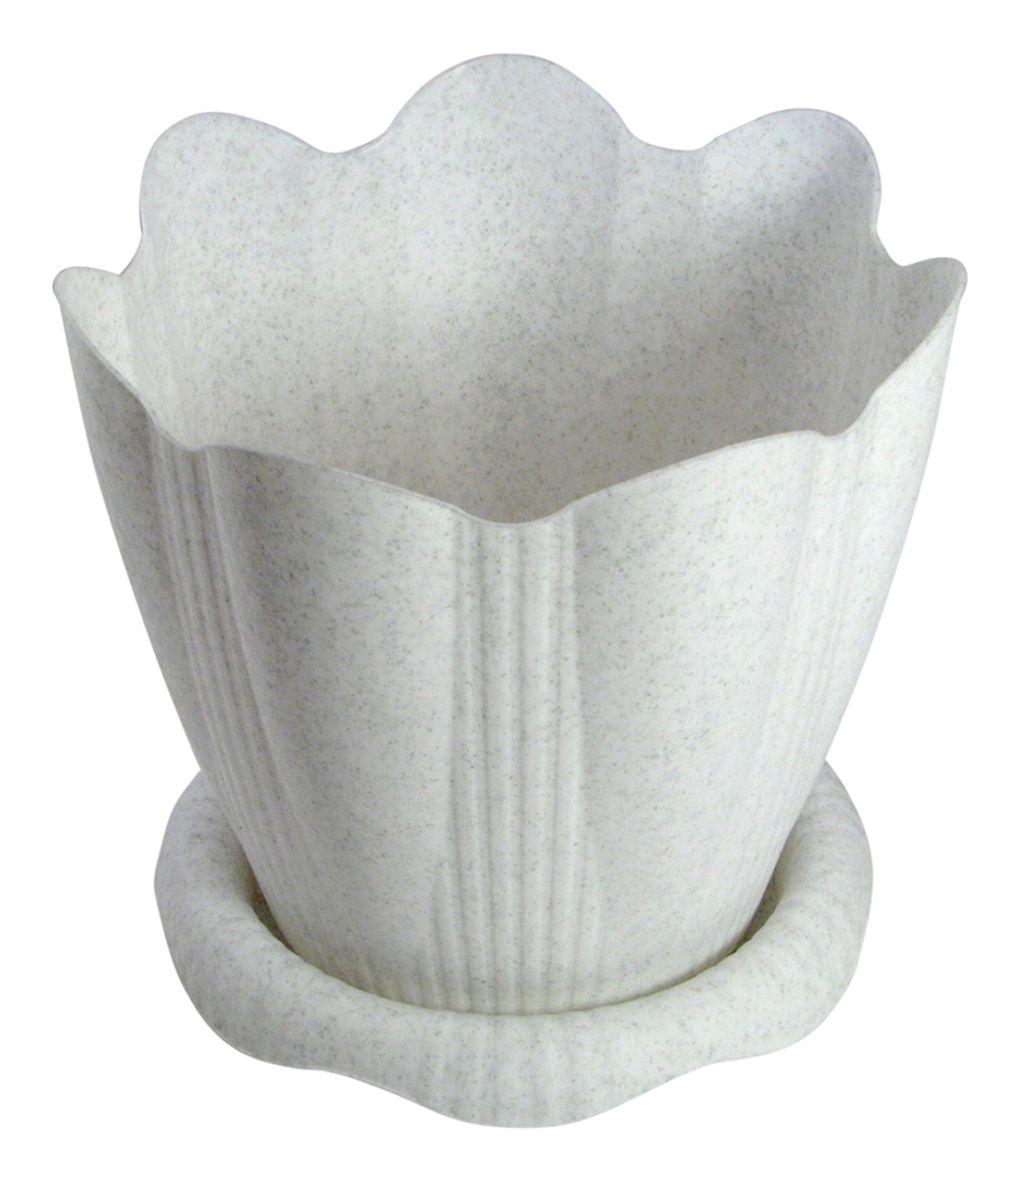 Горшок для цветов Martika Эдельвейс, с поддоном, цвет: мрамор, 3 л531-402Пластиковое изделие для дома, соответствующее всем необходимым санитарным нормам и стандартам качества. Изготовлено для цветоводства и растениеводства. Рекомендуется для выращивания растений дома и на приусадебных участках.